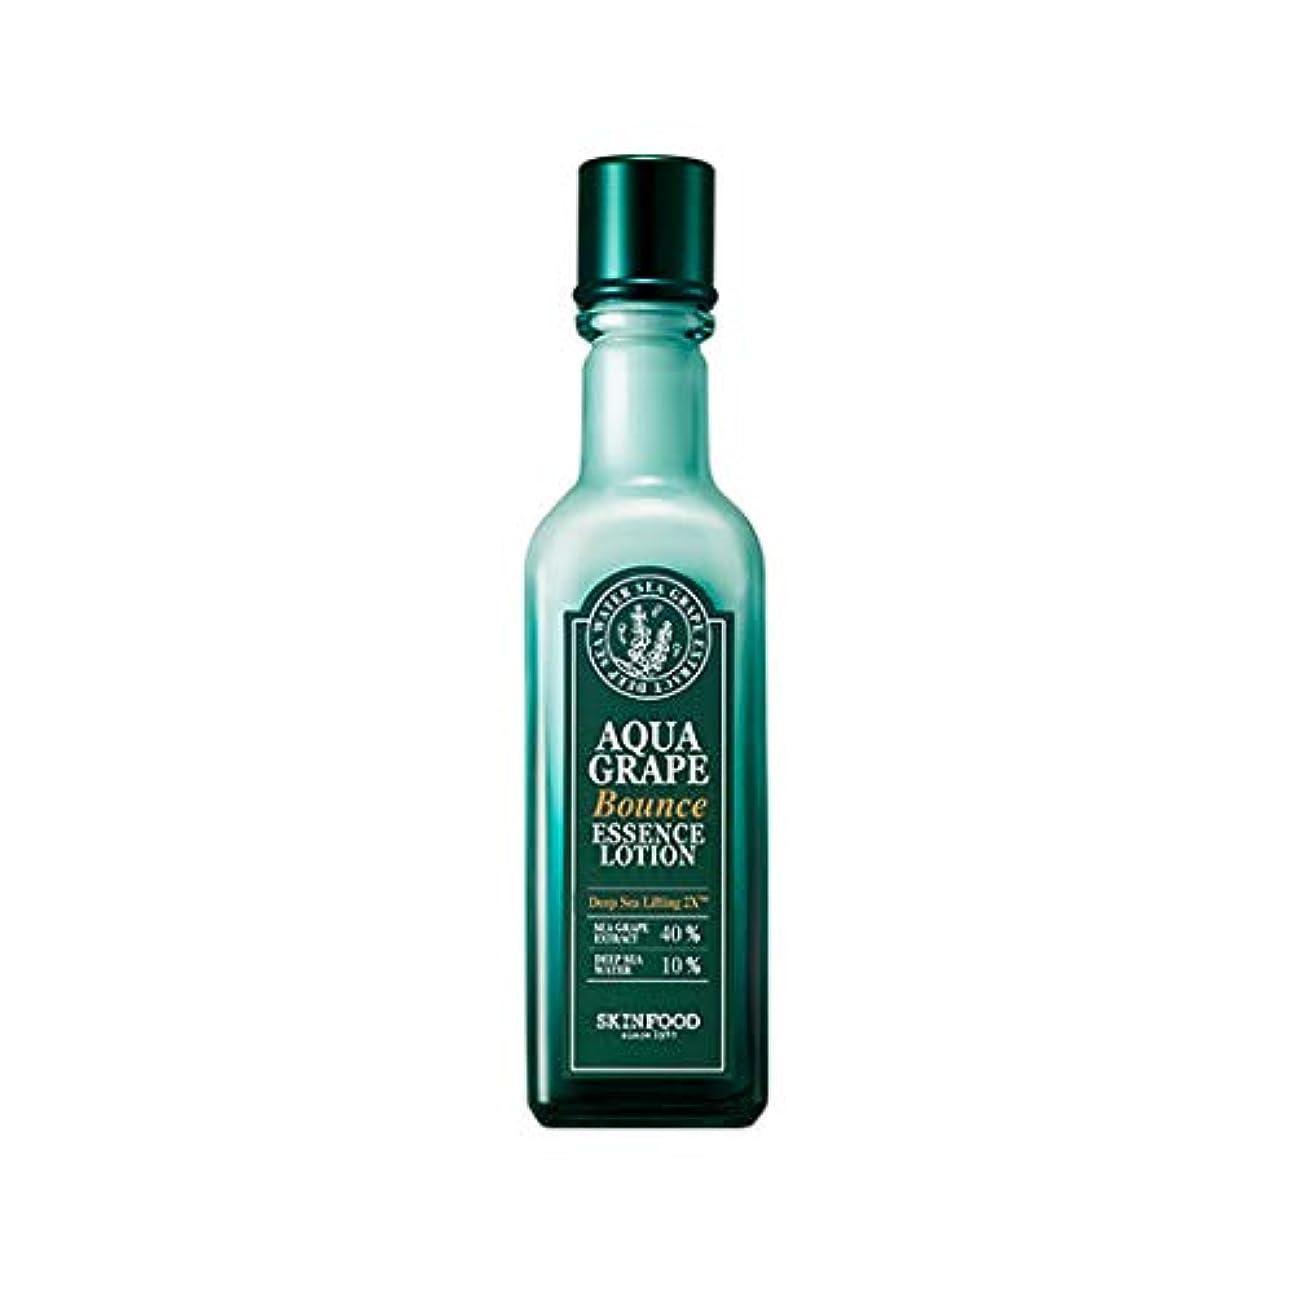 固体動員する公爵Skinfood アクアグレープバウンスエッセンスローション/Aqua Grape Bounce Essence Lotion 120ml [並行輸入品]